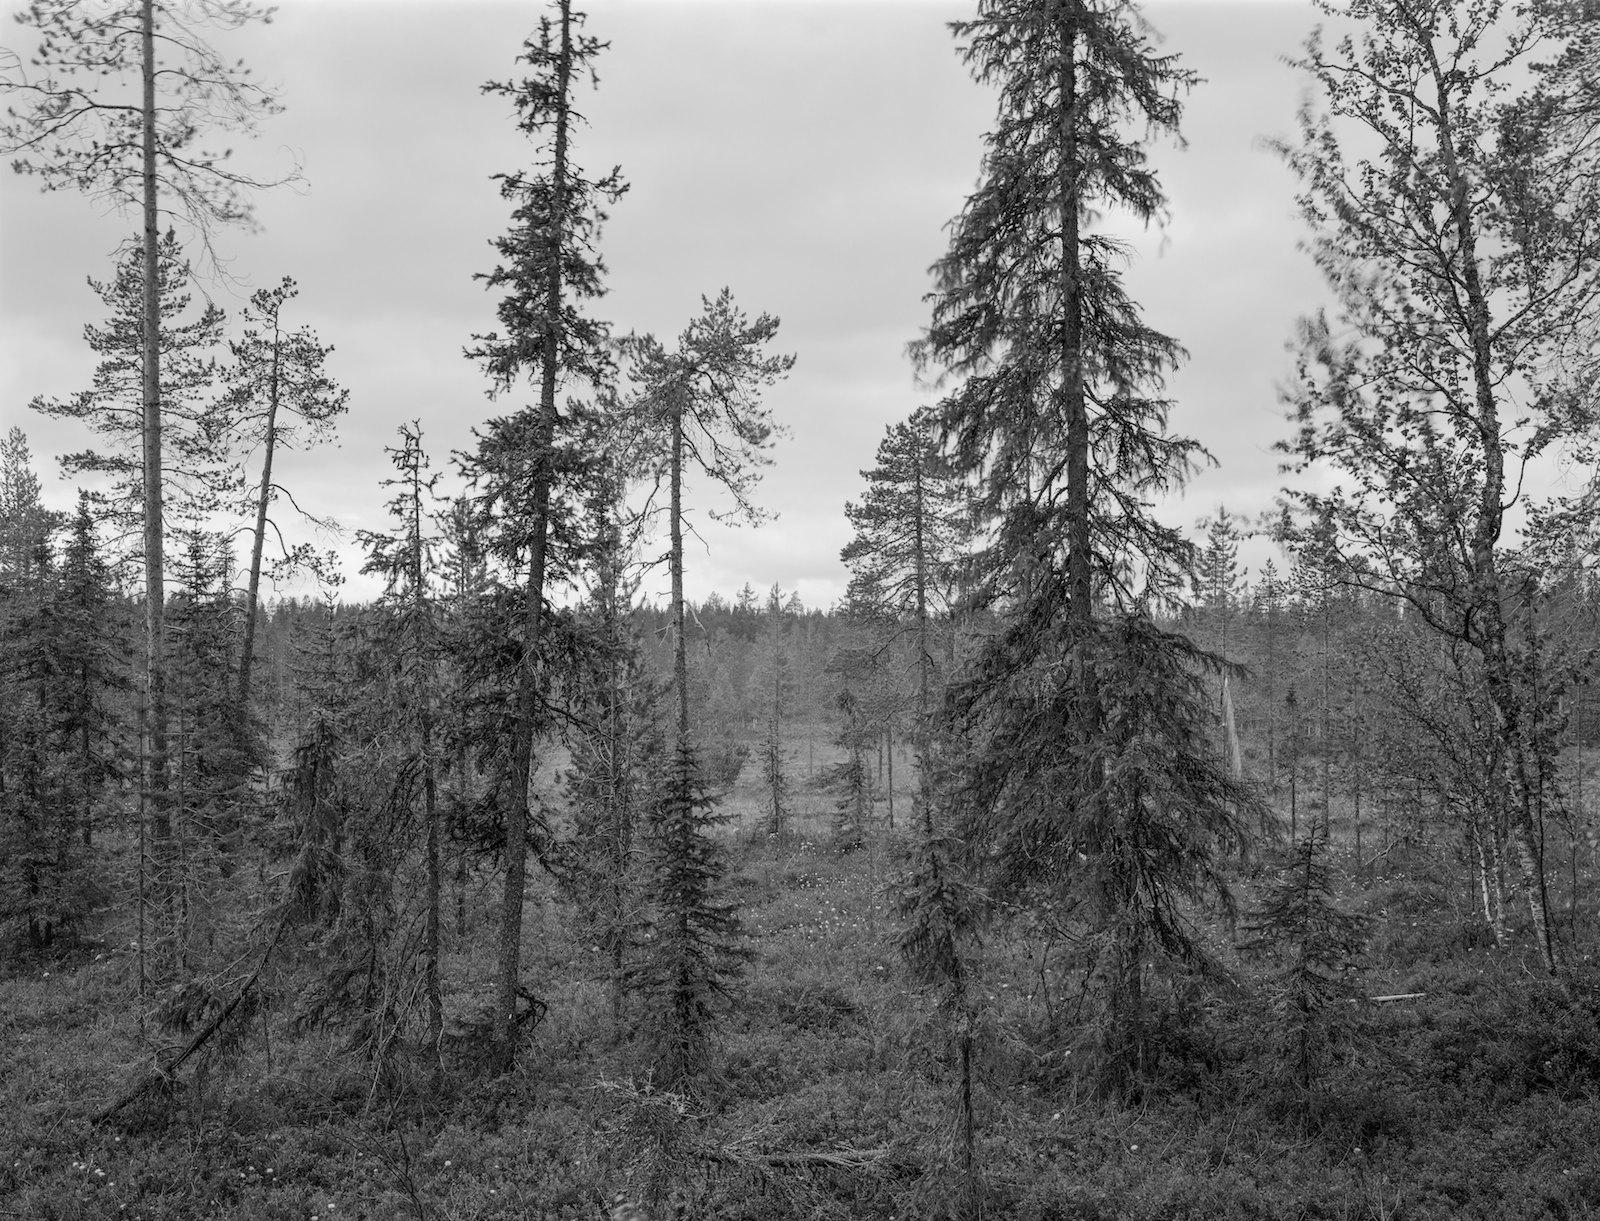 Metsä 68, Värriö, Salla, Finland, 2013, ink-jet print on baryta paper, 74 x 97 cm